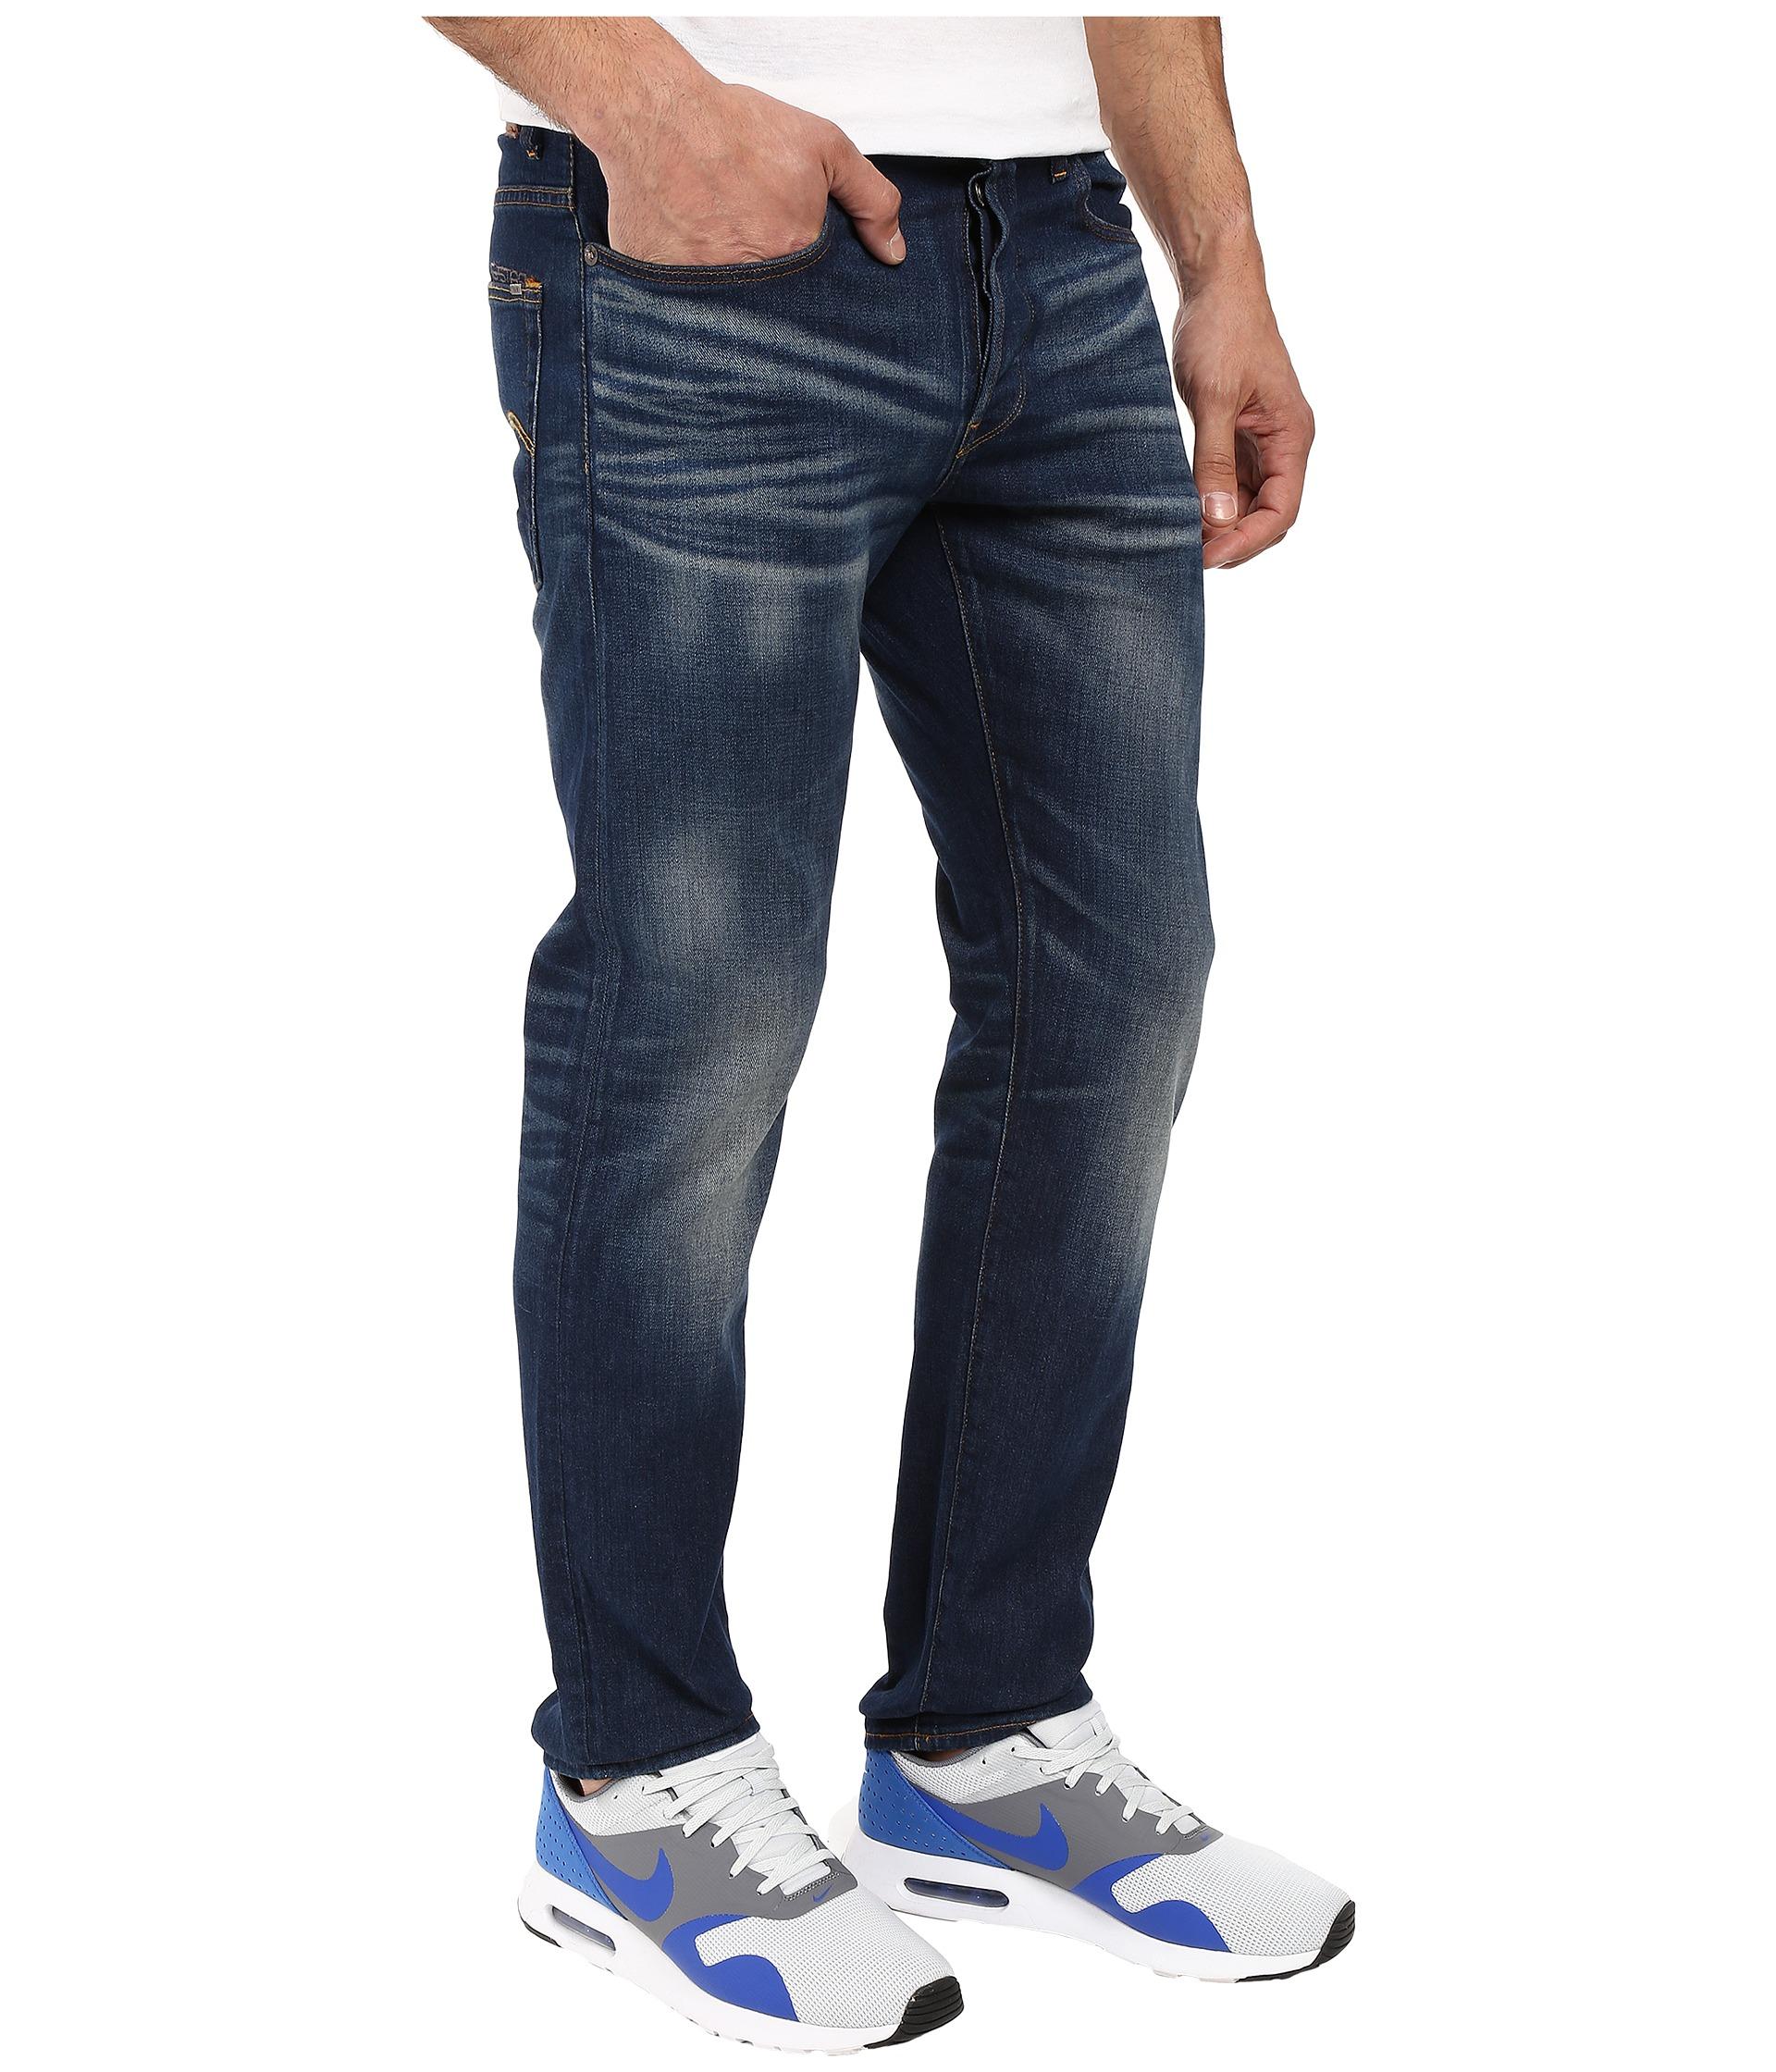 g star 3301 straight fit jeans in gosk stretch denim. Black Bedroom Furniture Sets. Home Design Ideas